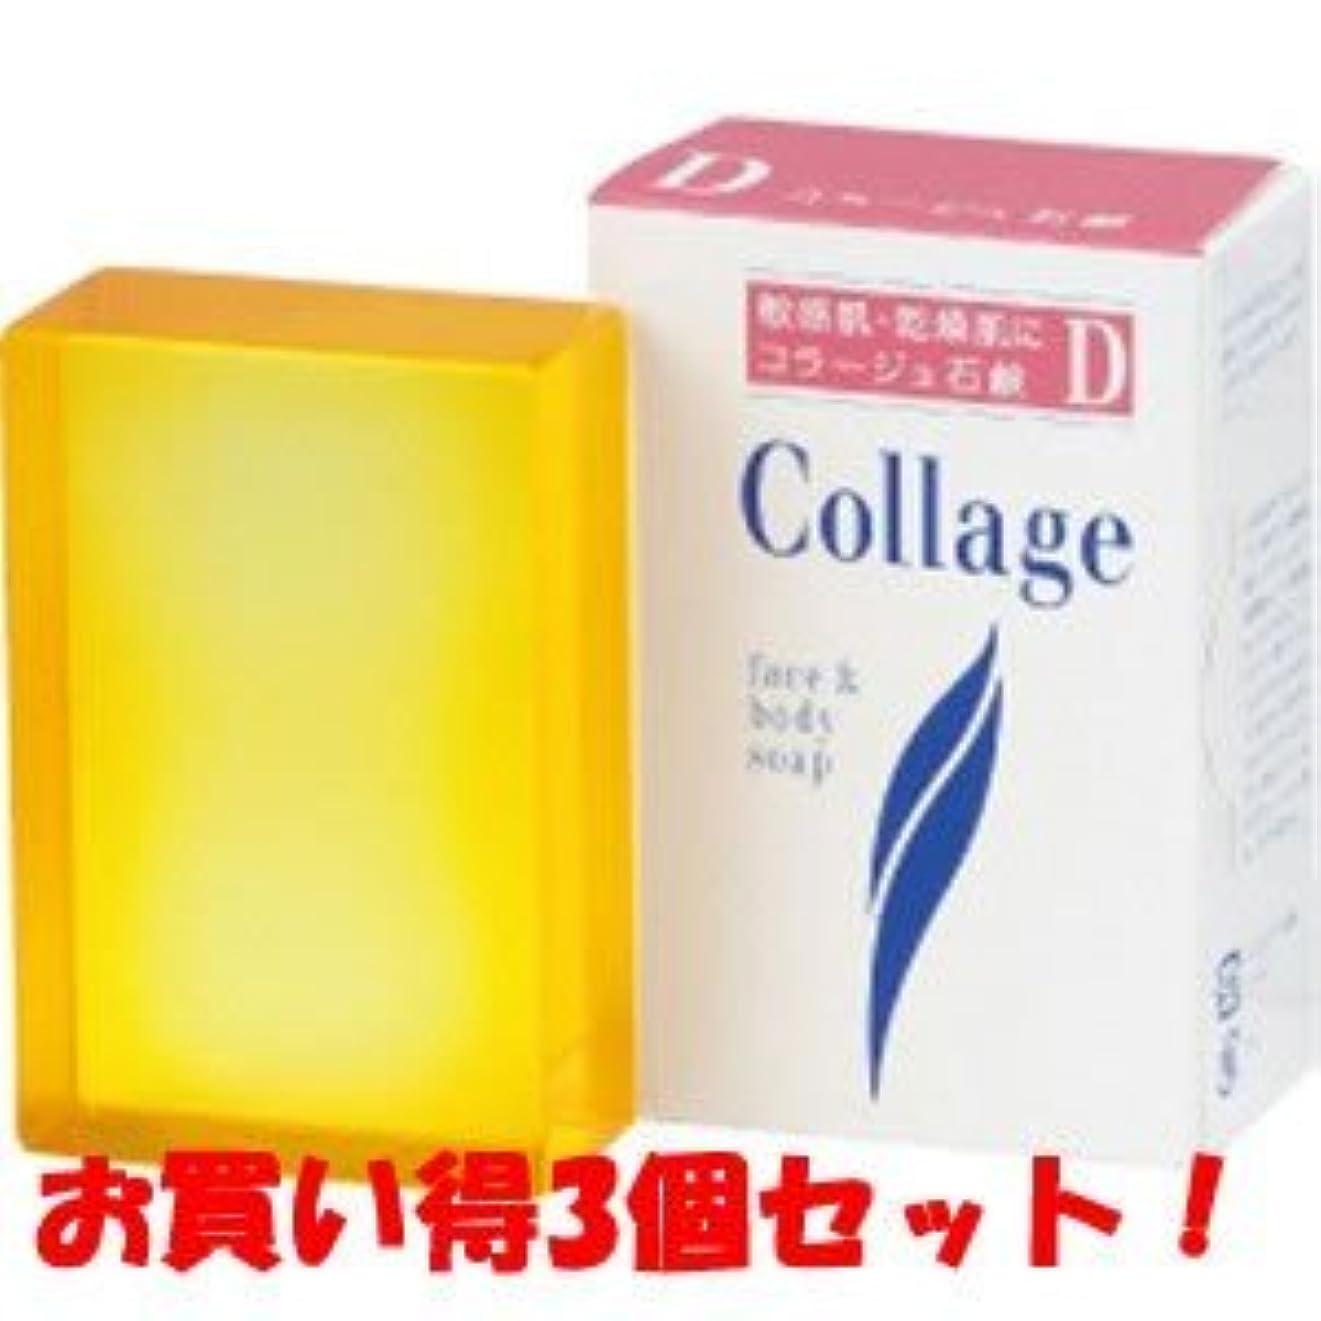 断片ランドマークリズミカルな(持田ヘルスケア)コラージュD乾性肌用石鹸 100g(お買い得3個セット)